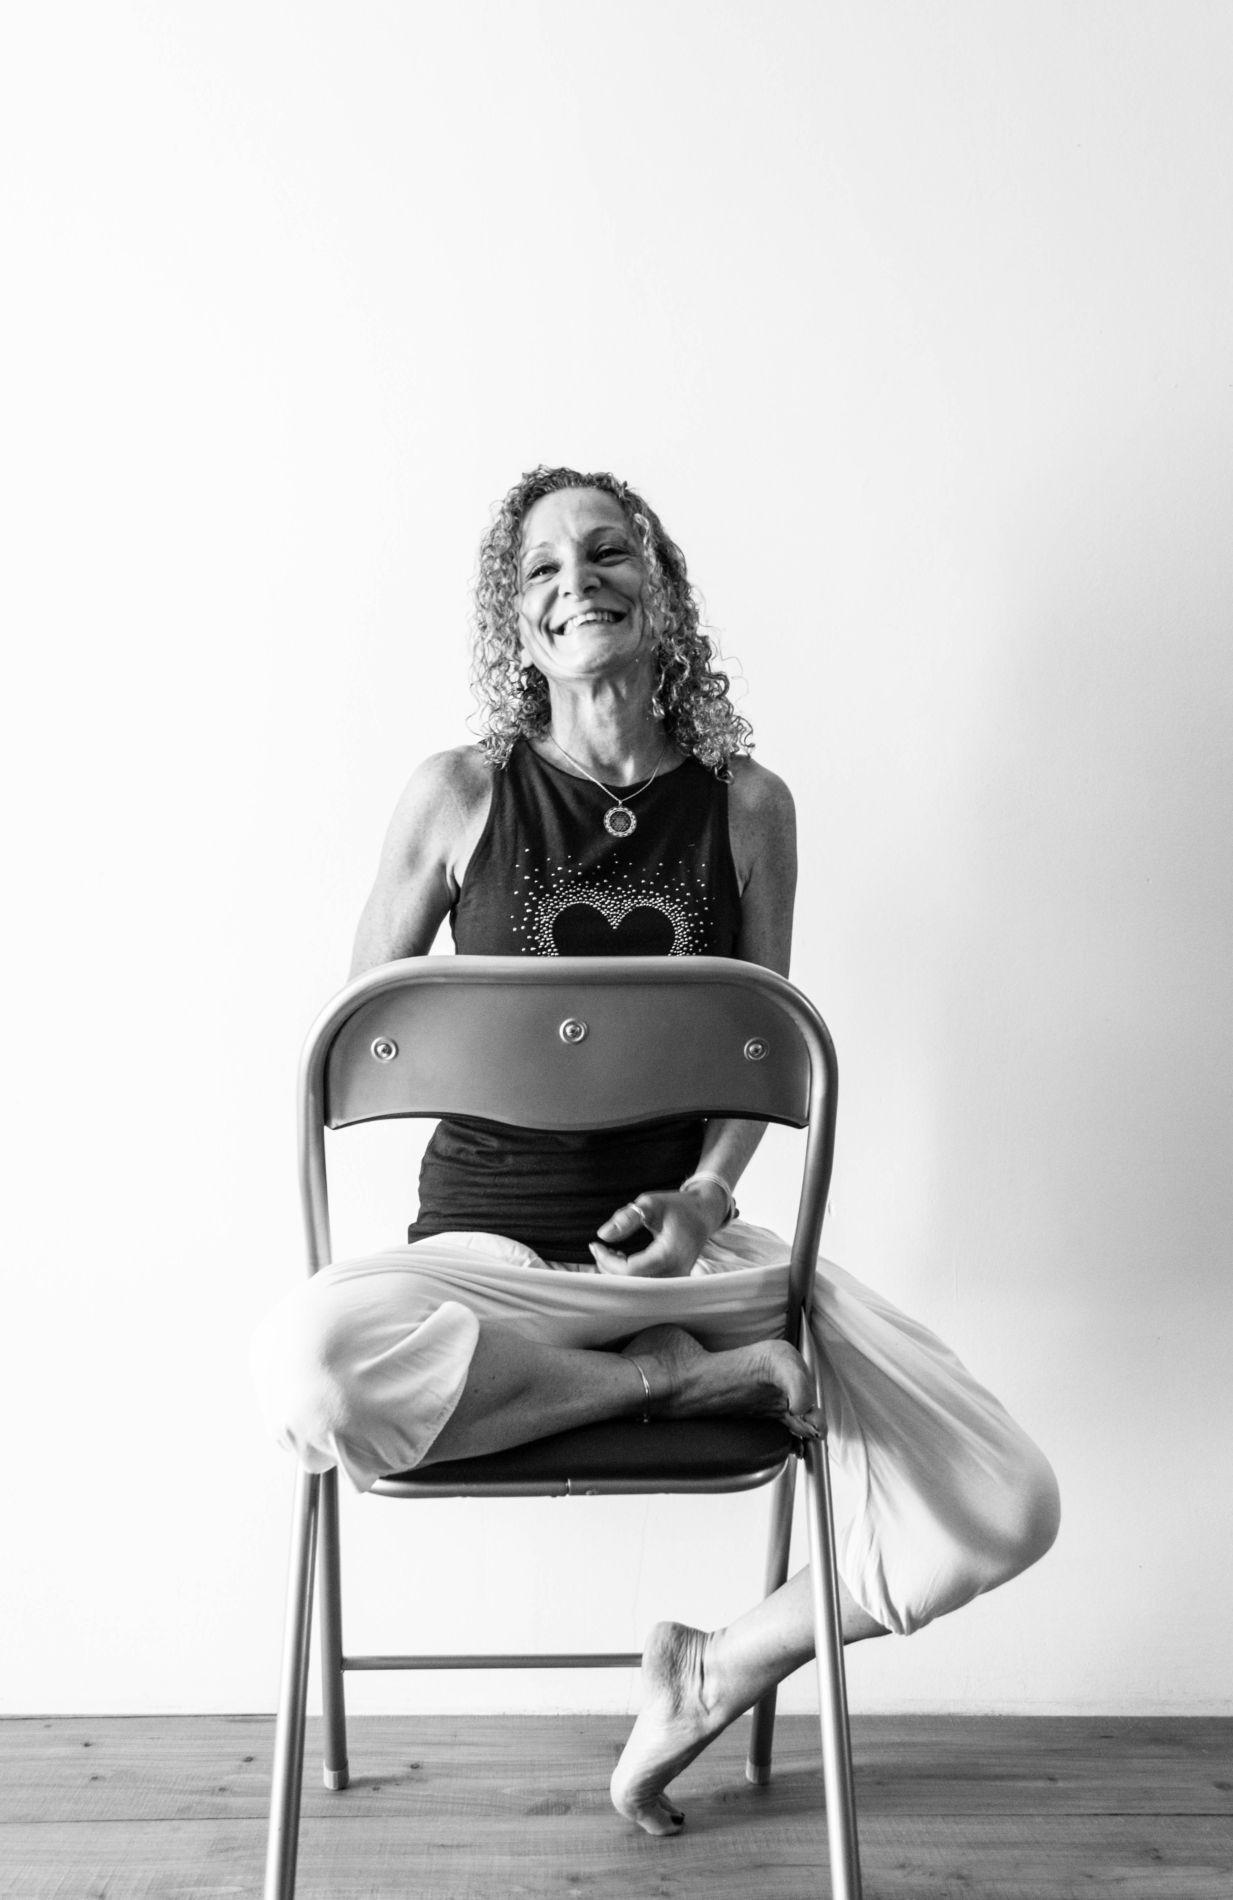 chi sono - Roberta Pagliani - Yoga Consapevolezza e Gioia